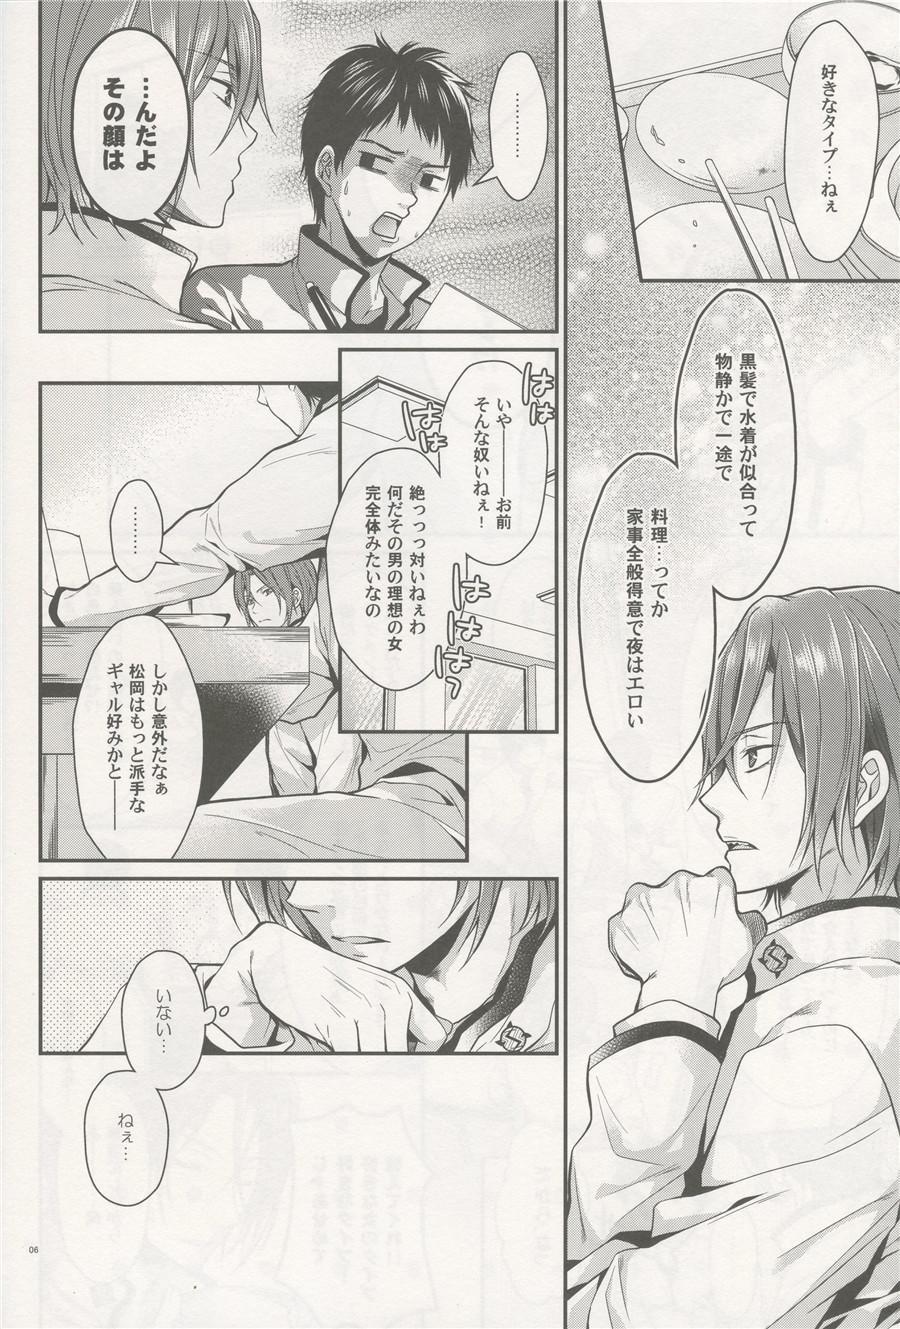 Aitsu no Yome Skill ga Takasugirundaga. 4